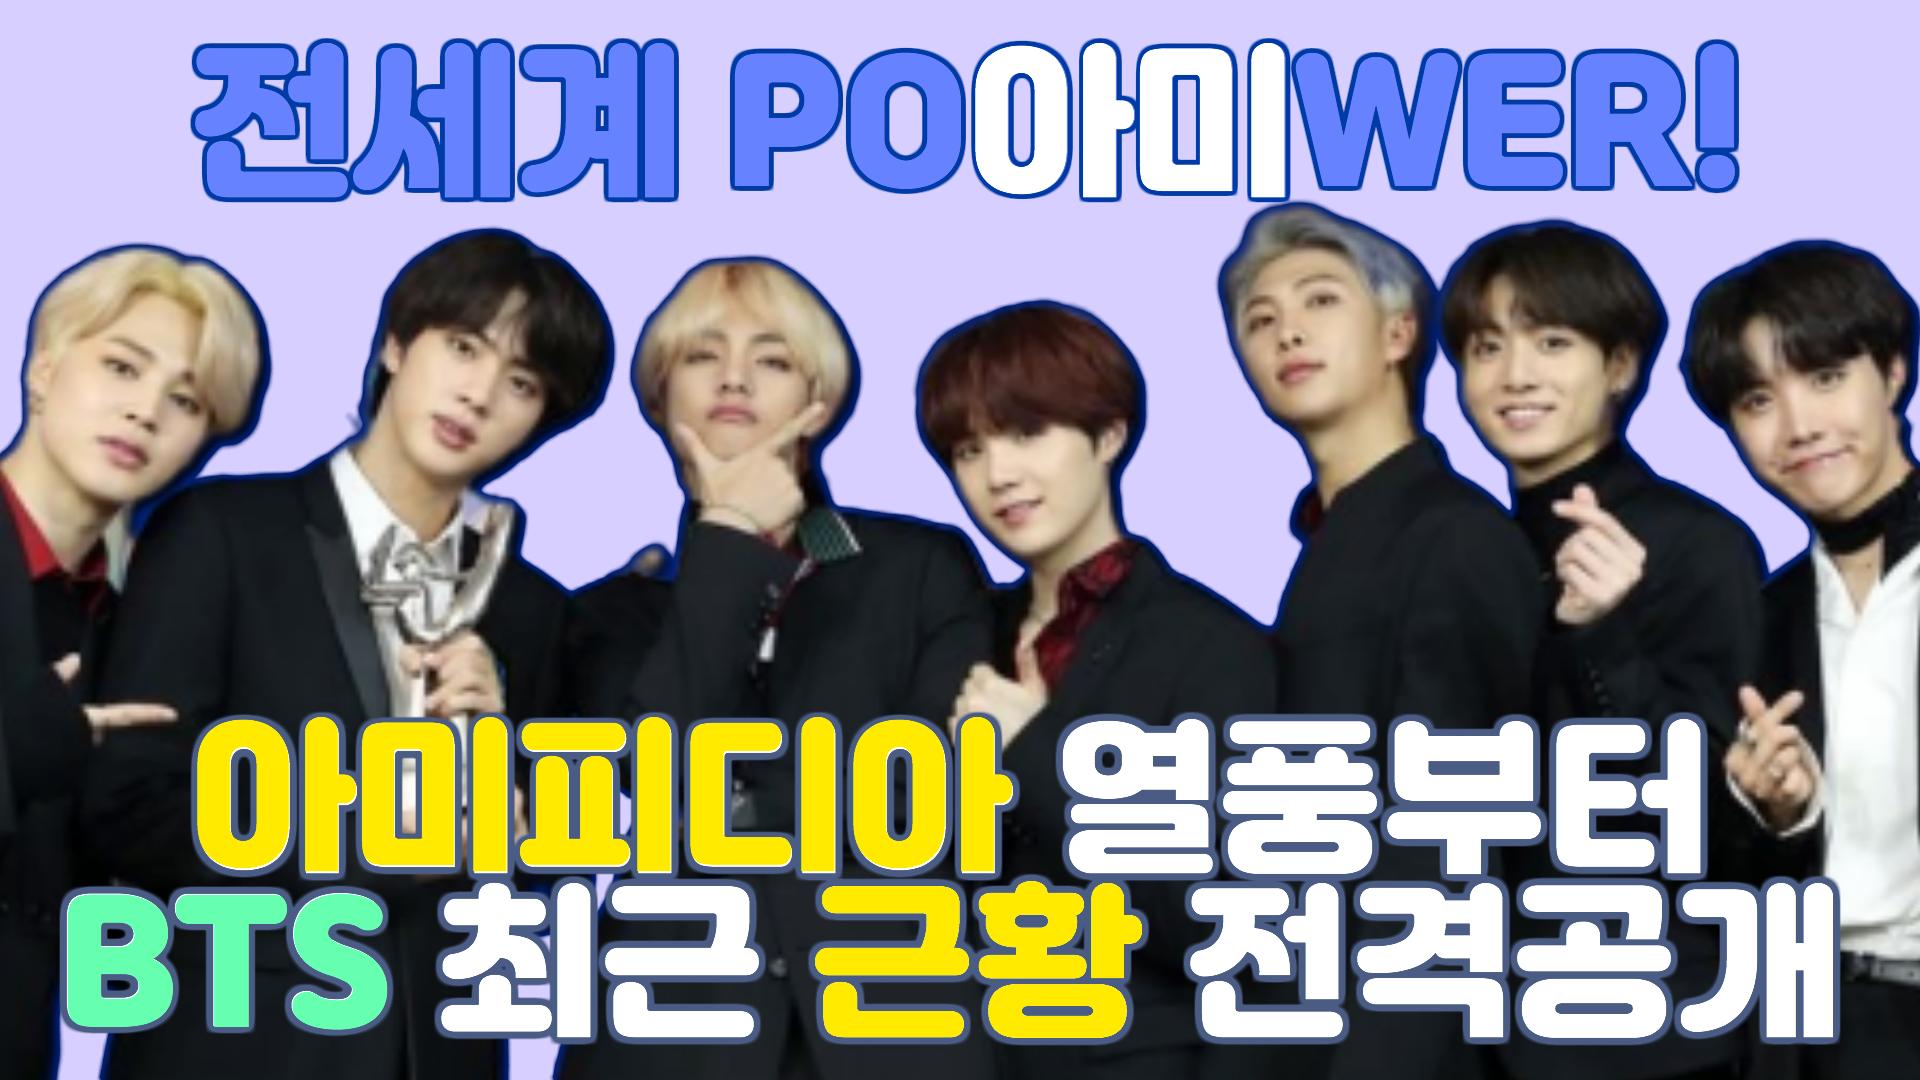 전 세계 PO아미WER! 아미피디아 열풍부터 BTS 최근 근황 전격 공개